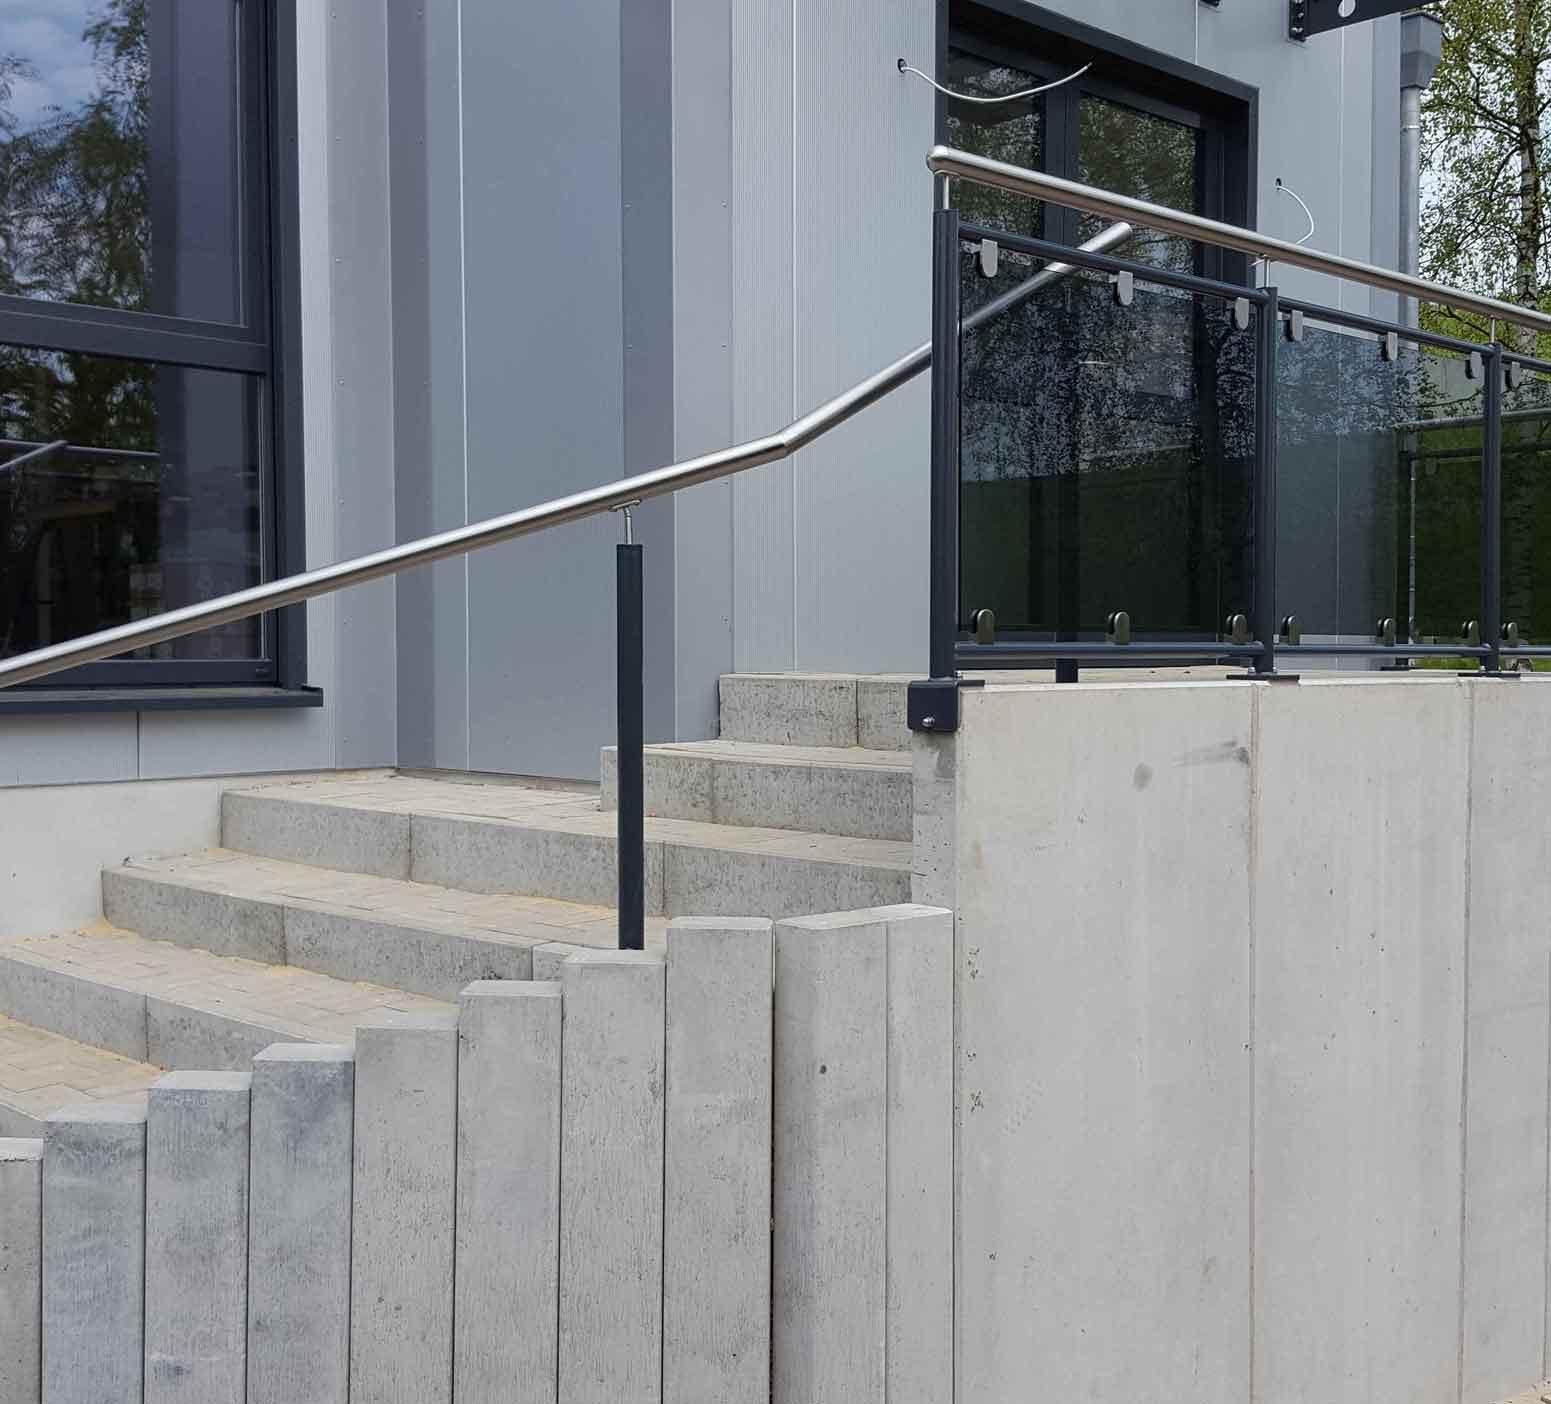 Hirsch Metallbau Treppengeländer 010 - Treppengeländer-10